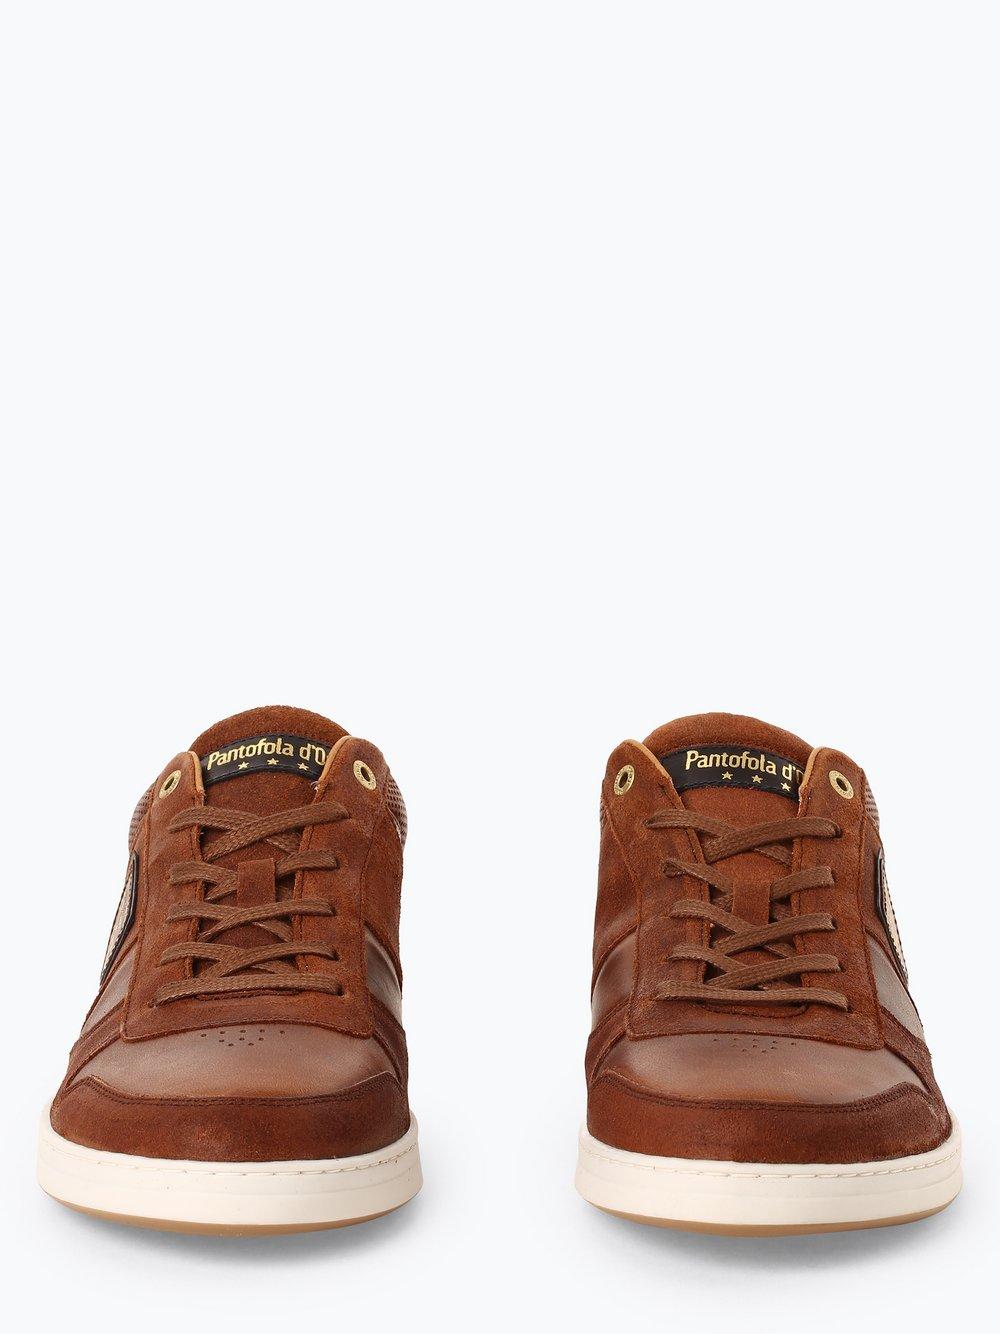 Pantofola d'Oro Herren Sneaker aus Leder Milito online